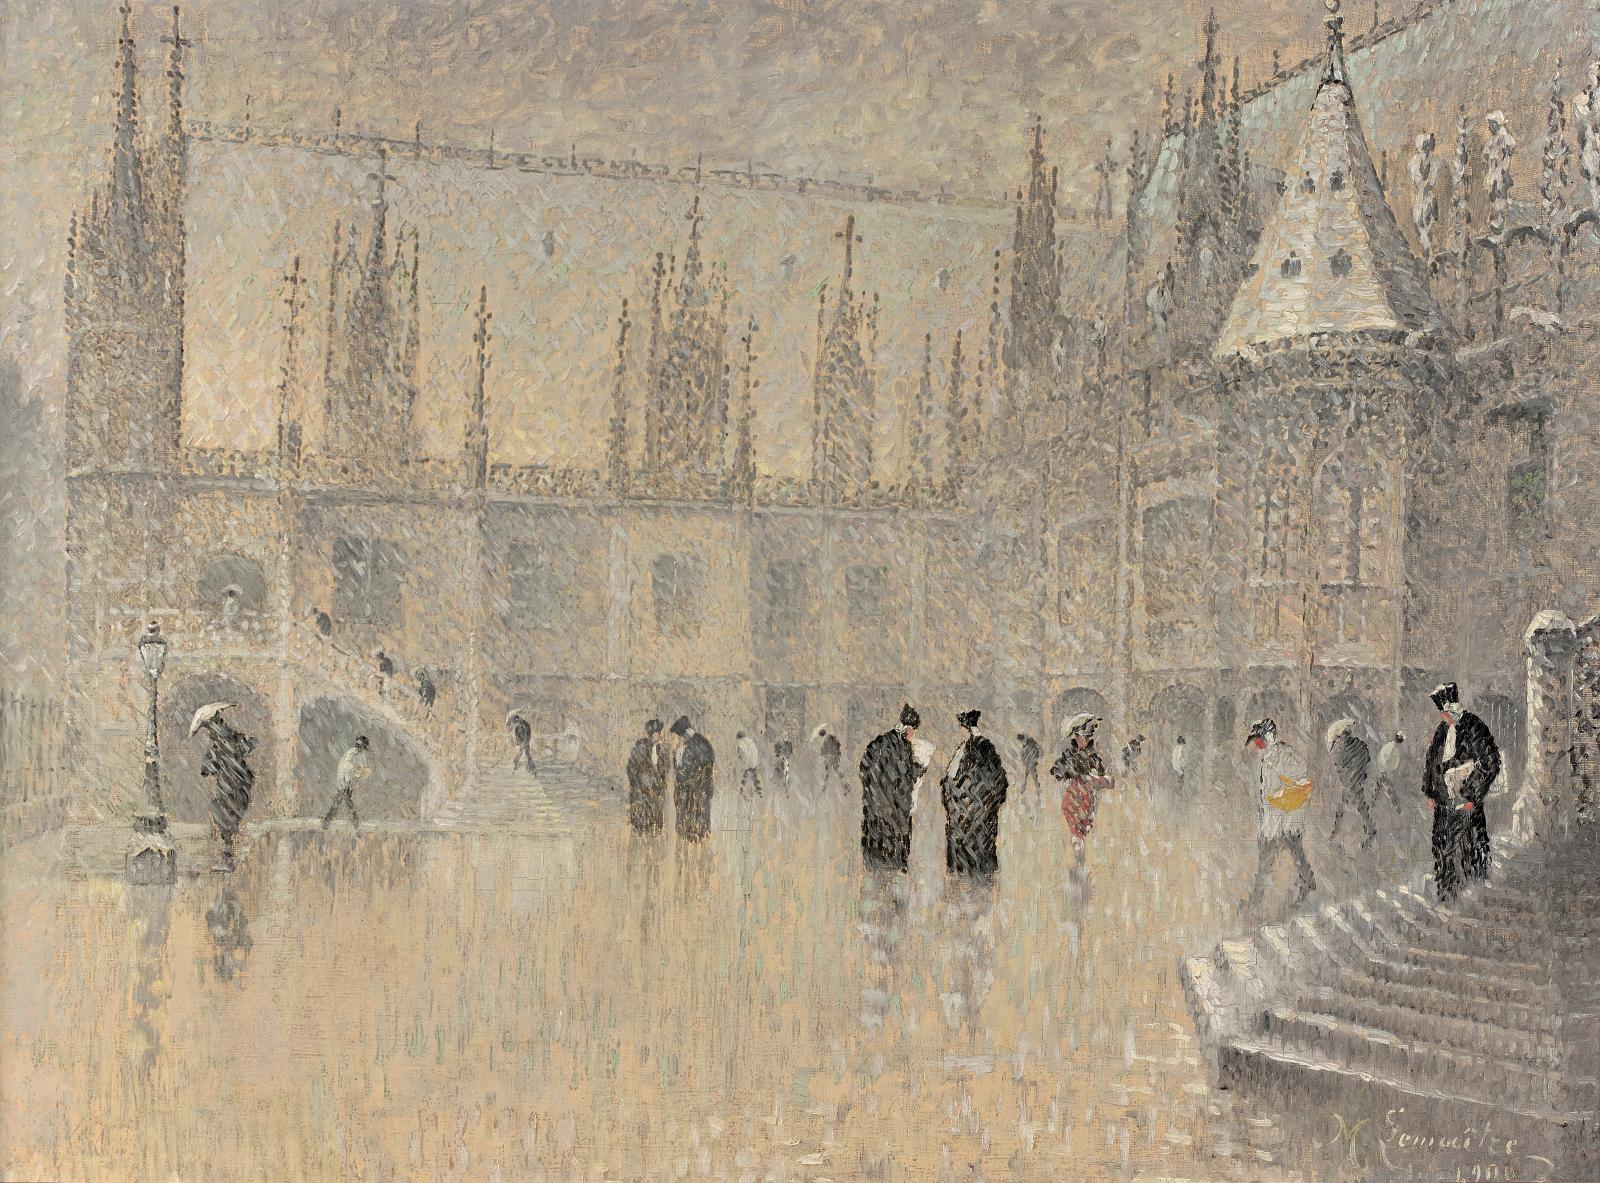 Léon Jules Lemaitre (1850-1905), Neige sur le Palais de Justice à Rouen, 1900 (The Rouen lawcourts in the snow, 1900), oil on canvas, 54 x